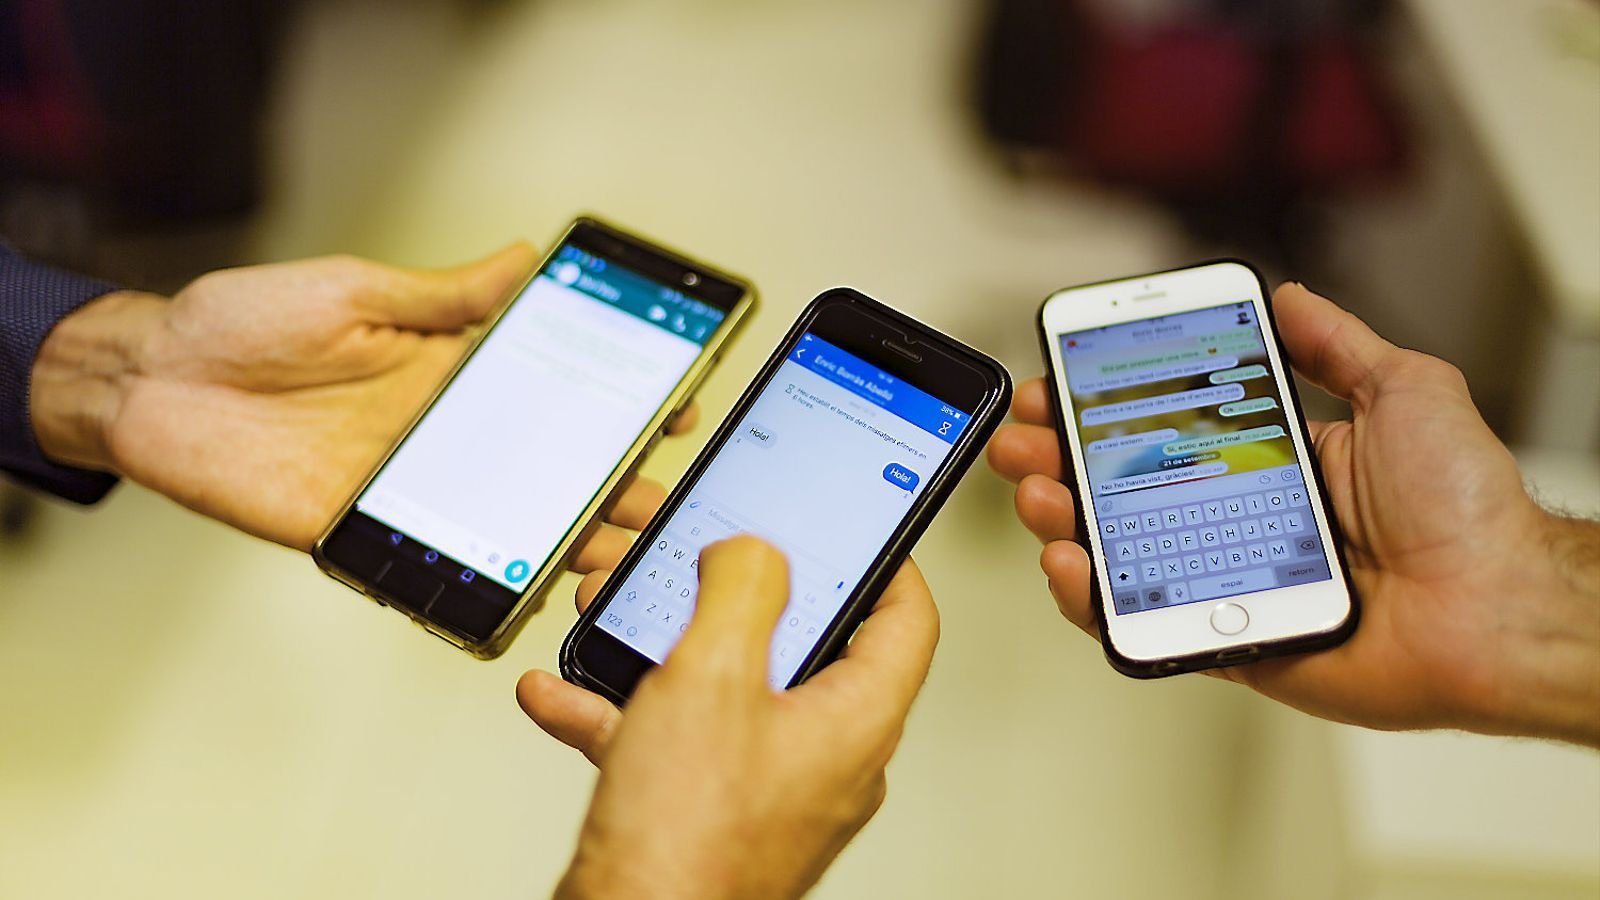 La Guàrdia Civil no aconsegueix accedir als missatges d'un telèfon enviats amb Signal.